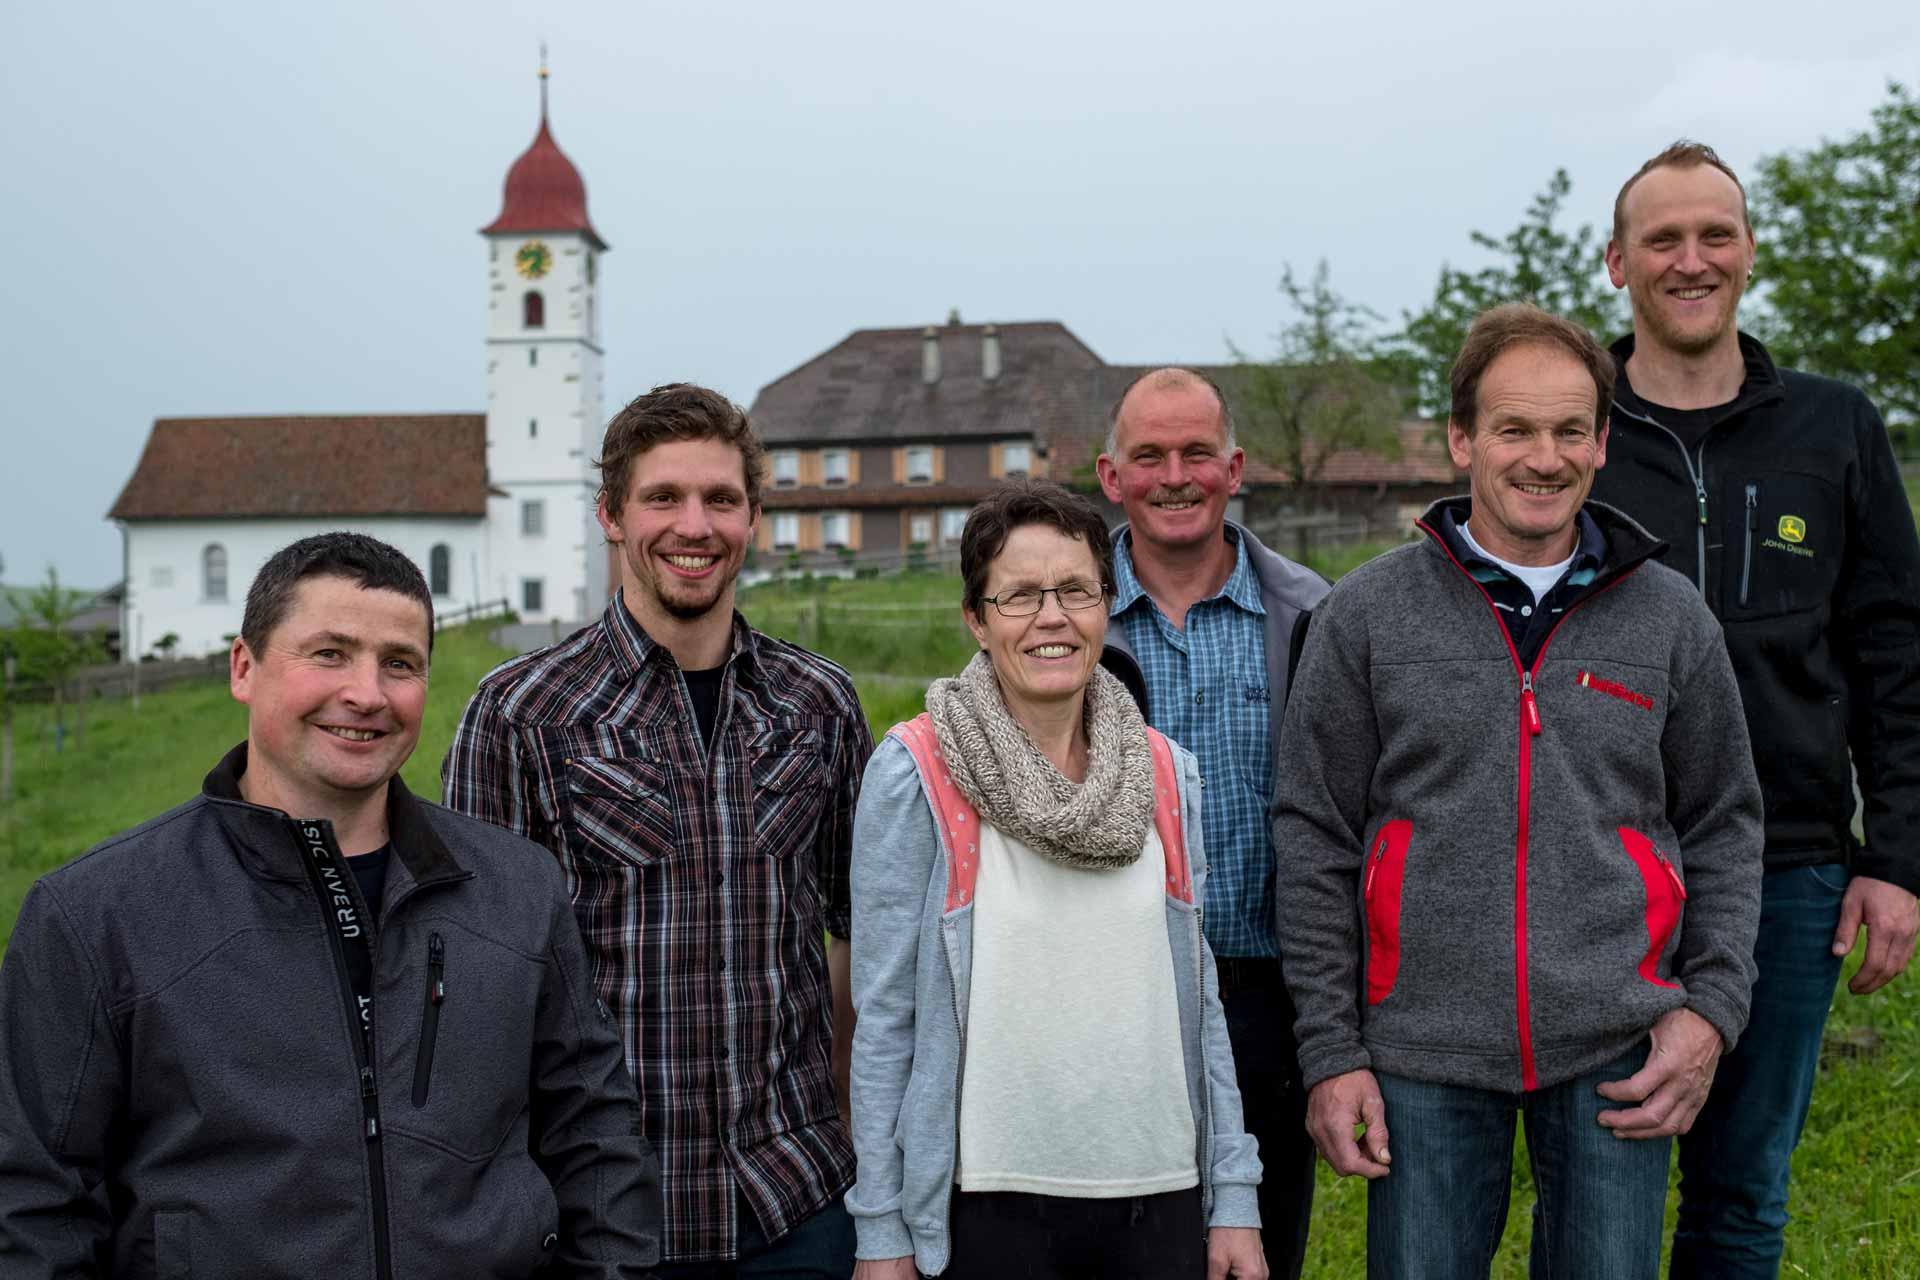 Der Vorstand der Kapellengenossenschaft Krumbach mit (von links) Bruno Koch, Daniel Muff, Silvia Furrer, Hanspeter Wyss, Hans Holzmann (Präsident) und Stefan Arnold. | © 2021 Gregor Gander